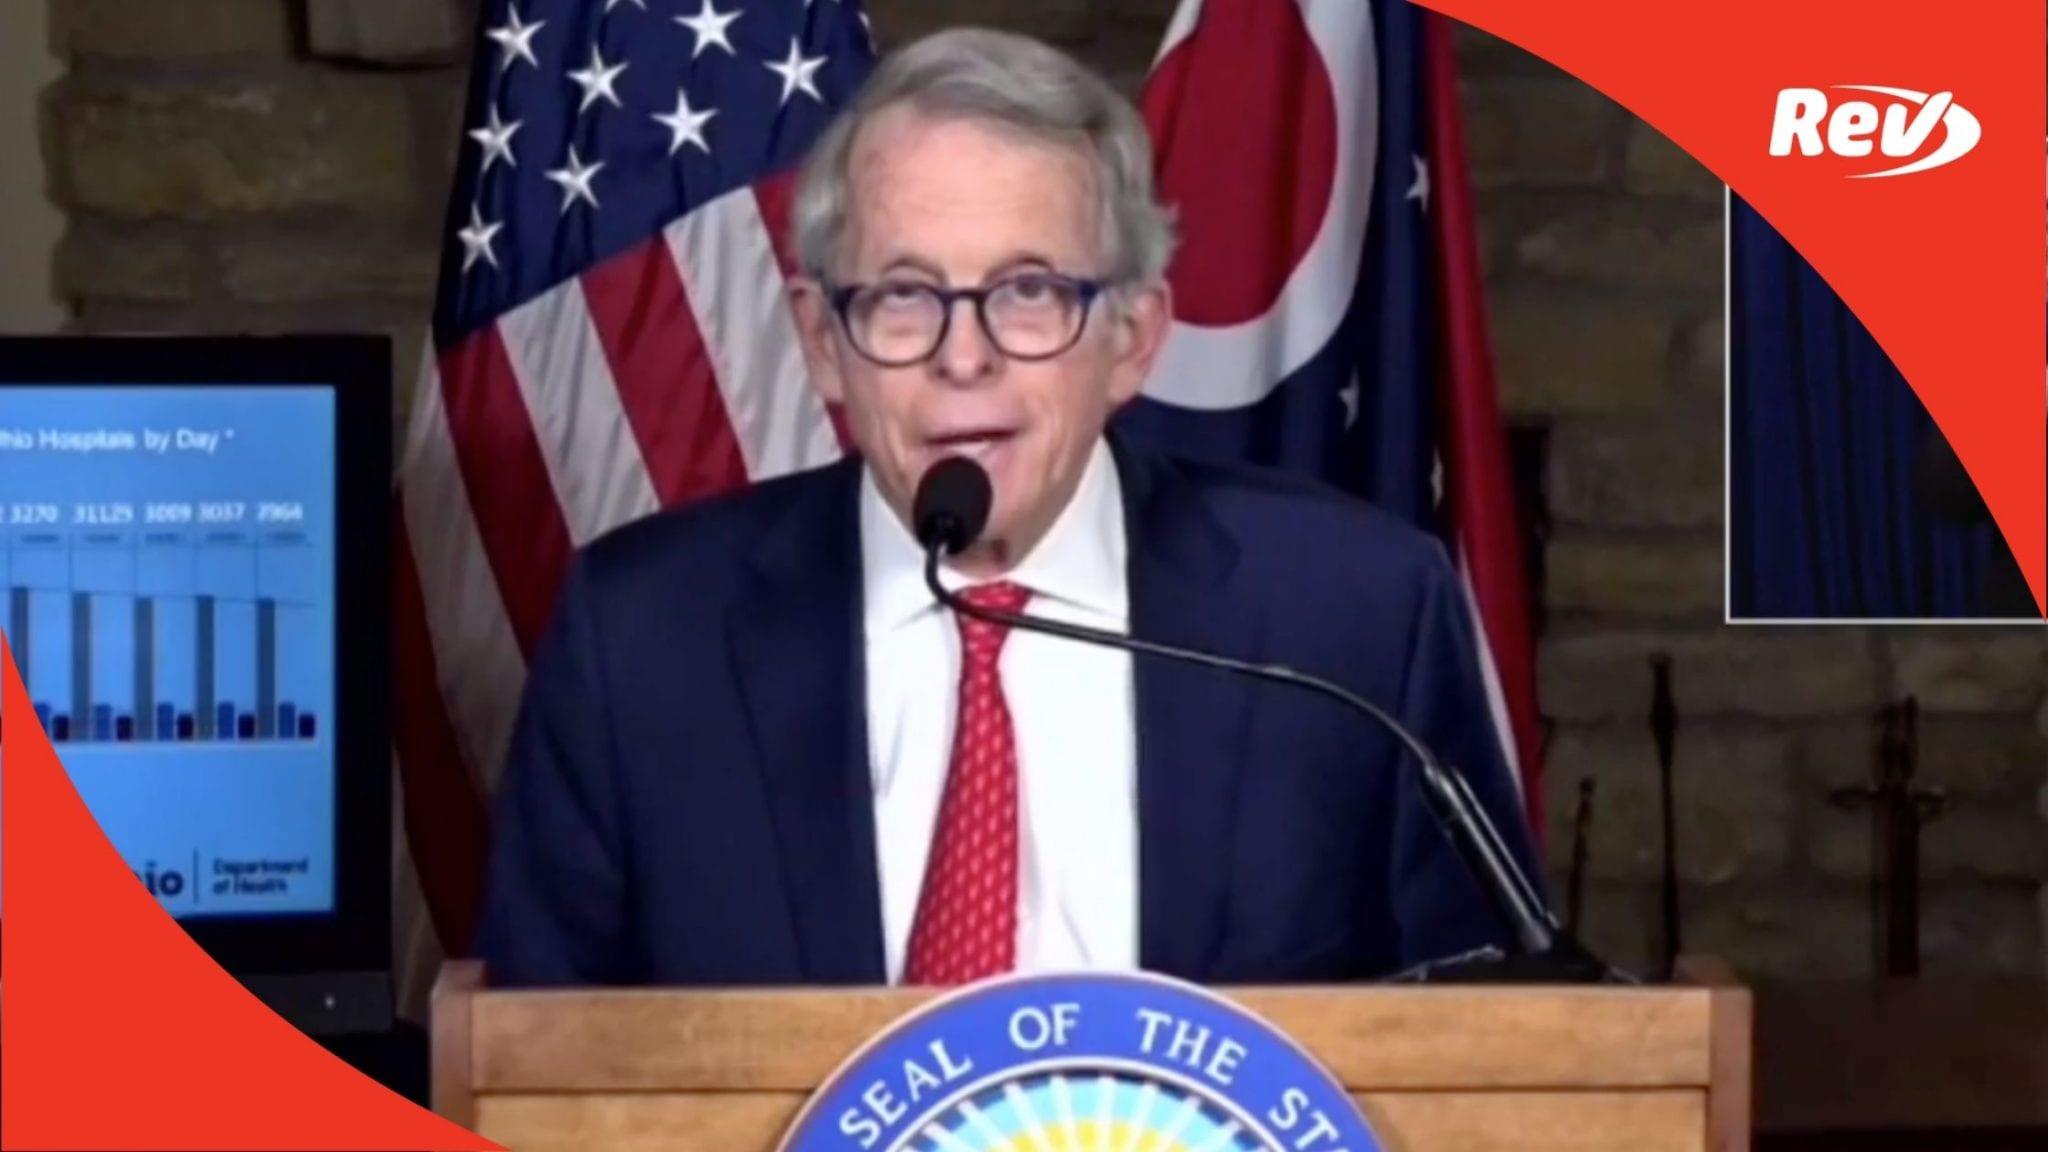 Ohio Gov. Mike DeWine COVID-19 Press Conference Transcript January 26